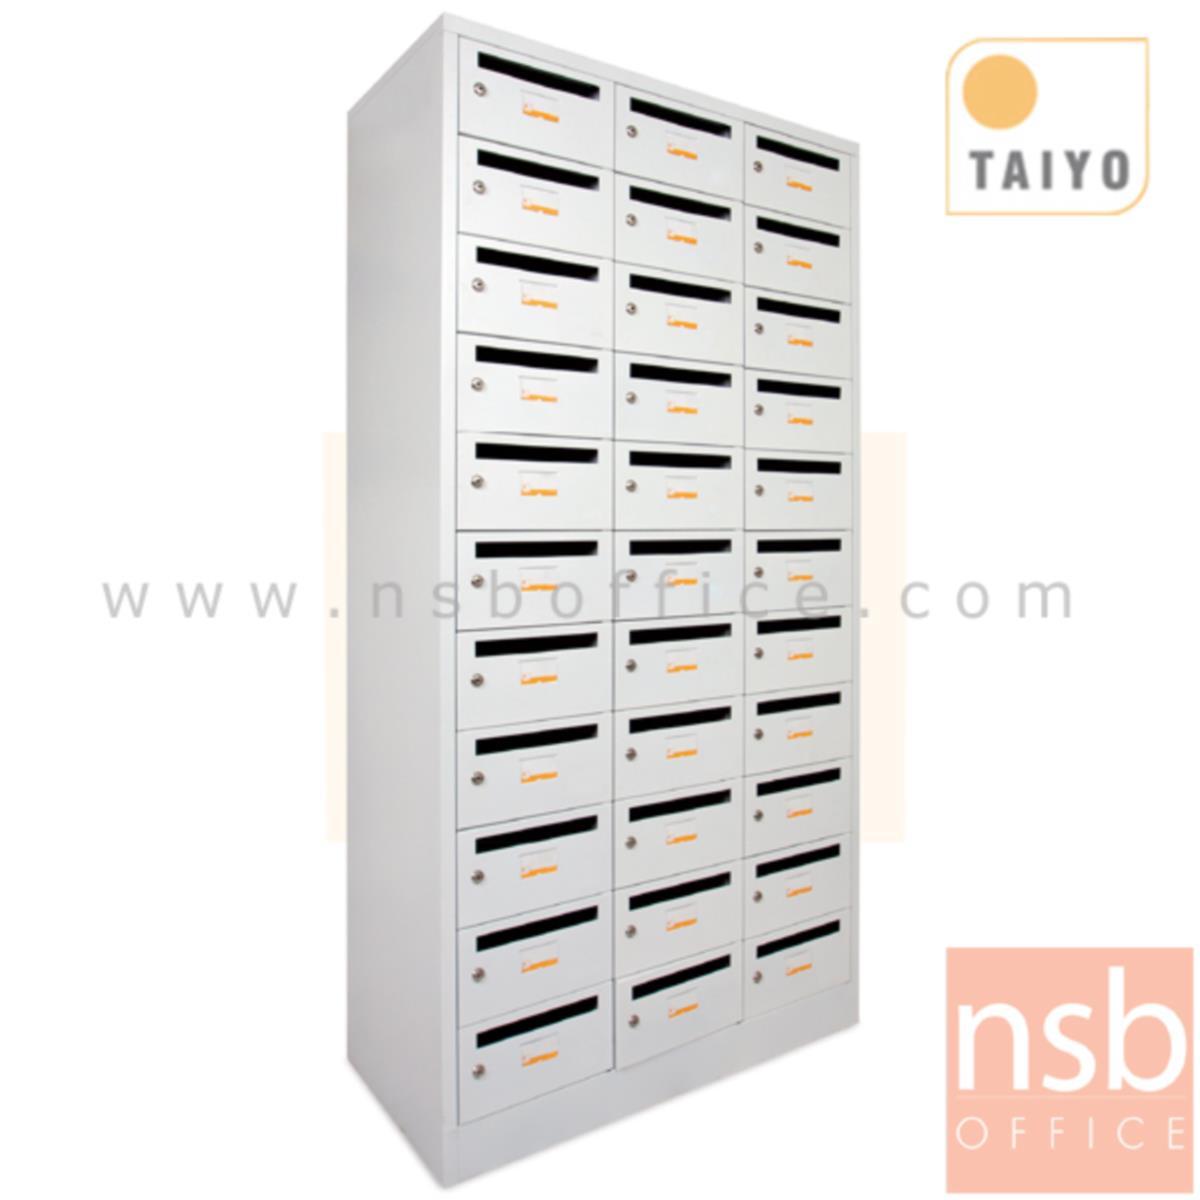 E08A047: ตู้ล็อคเกอร์จดหมาย 33 ประตู รุ่น LK33KP  ระบบกุญแจล็อค บานประตูมีช่องสอดจดหมาย